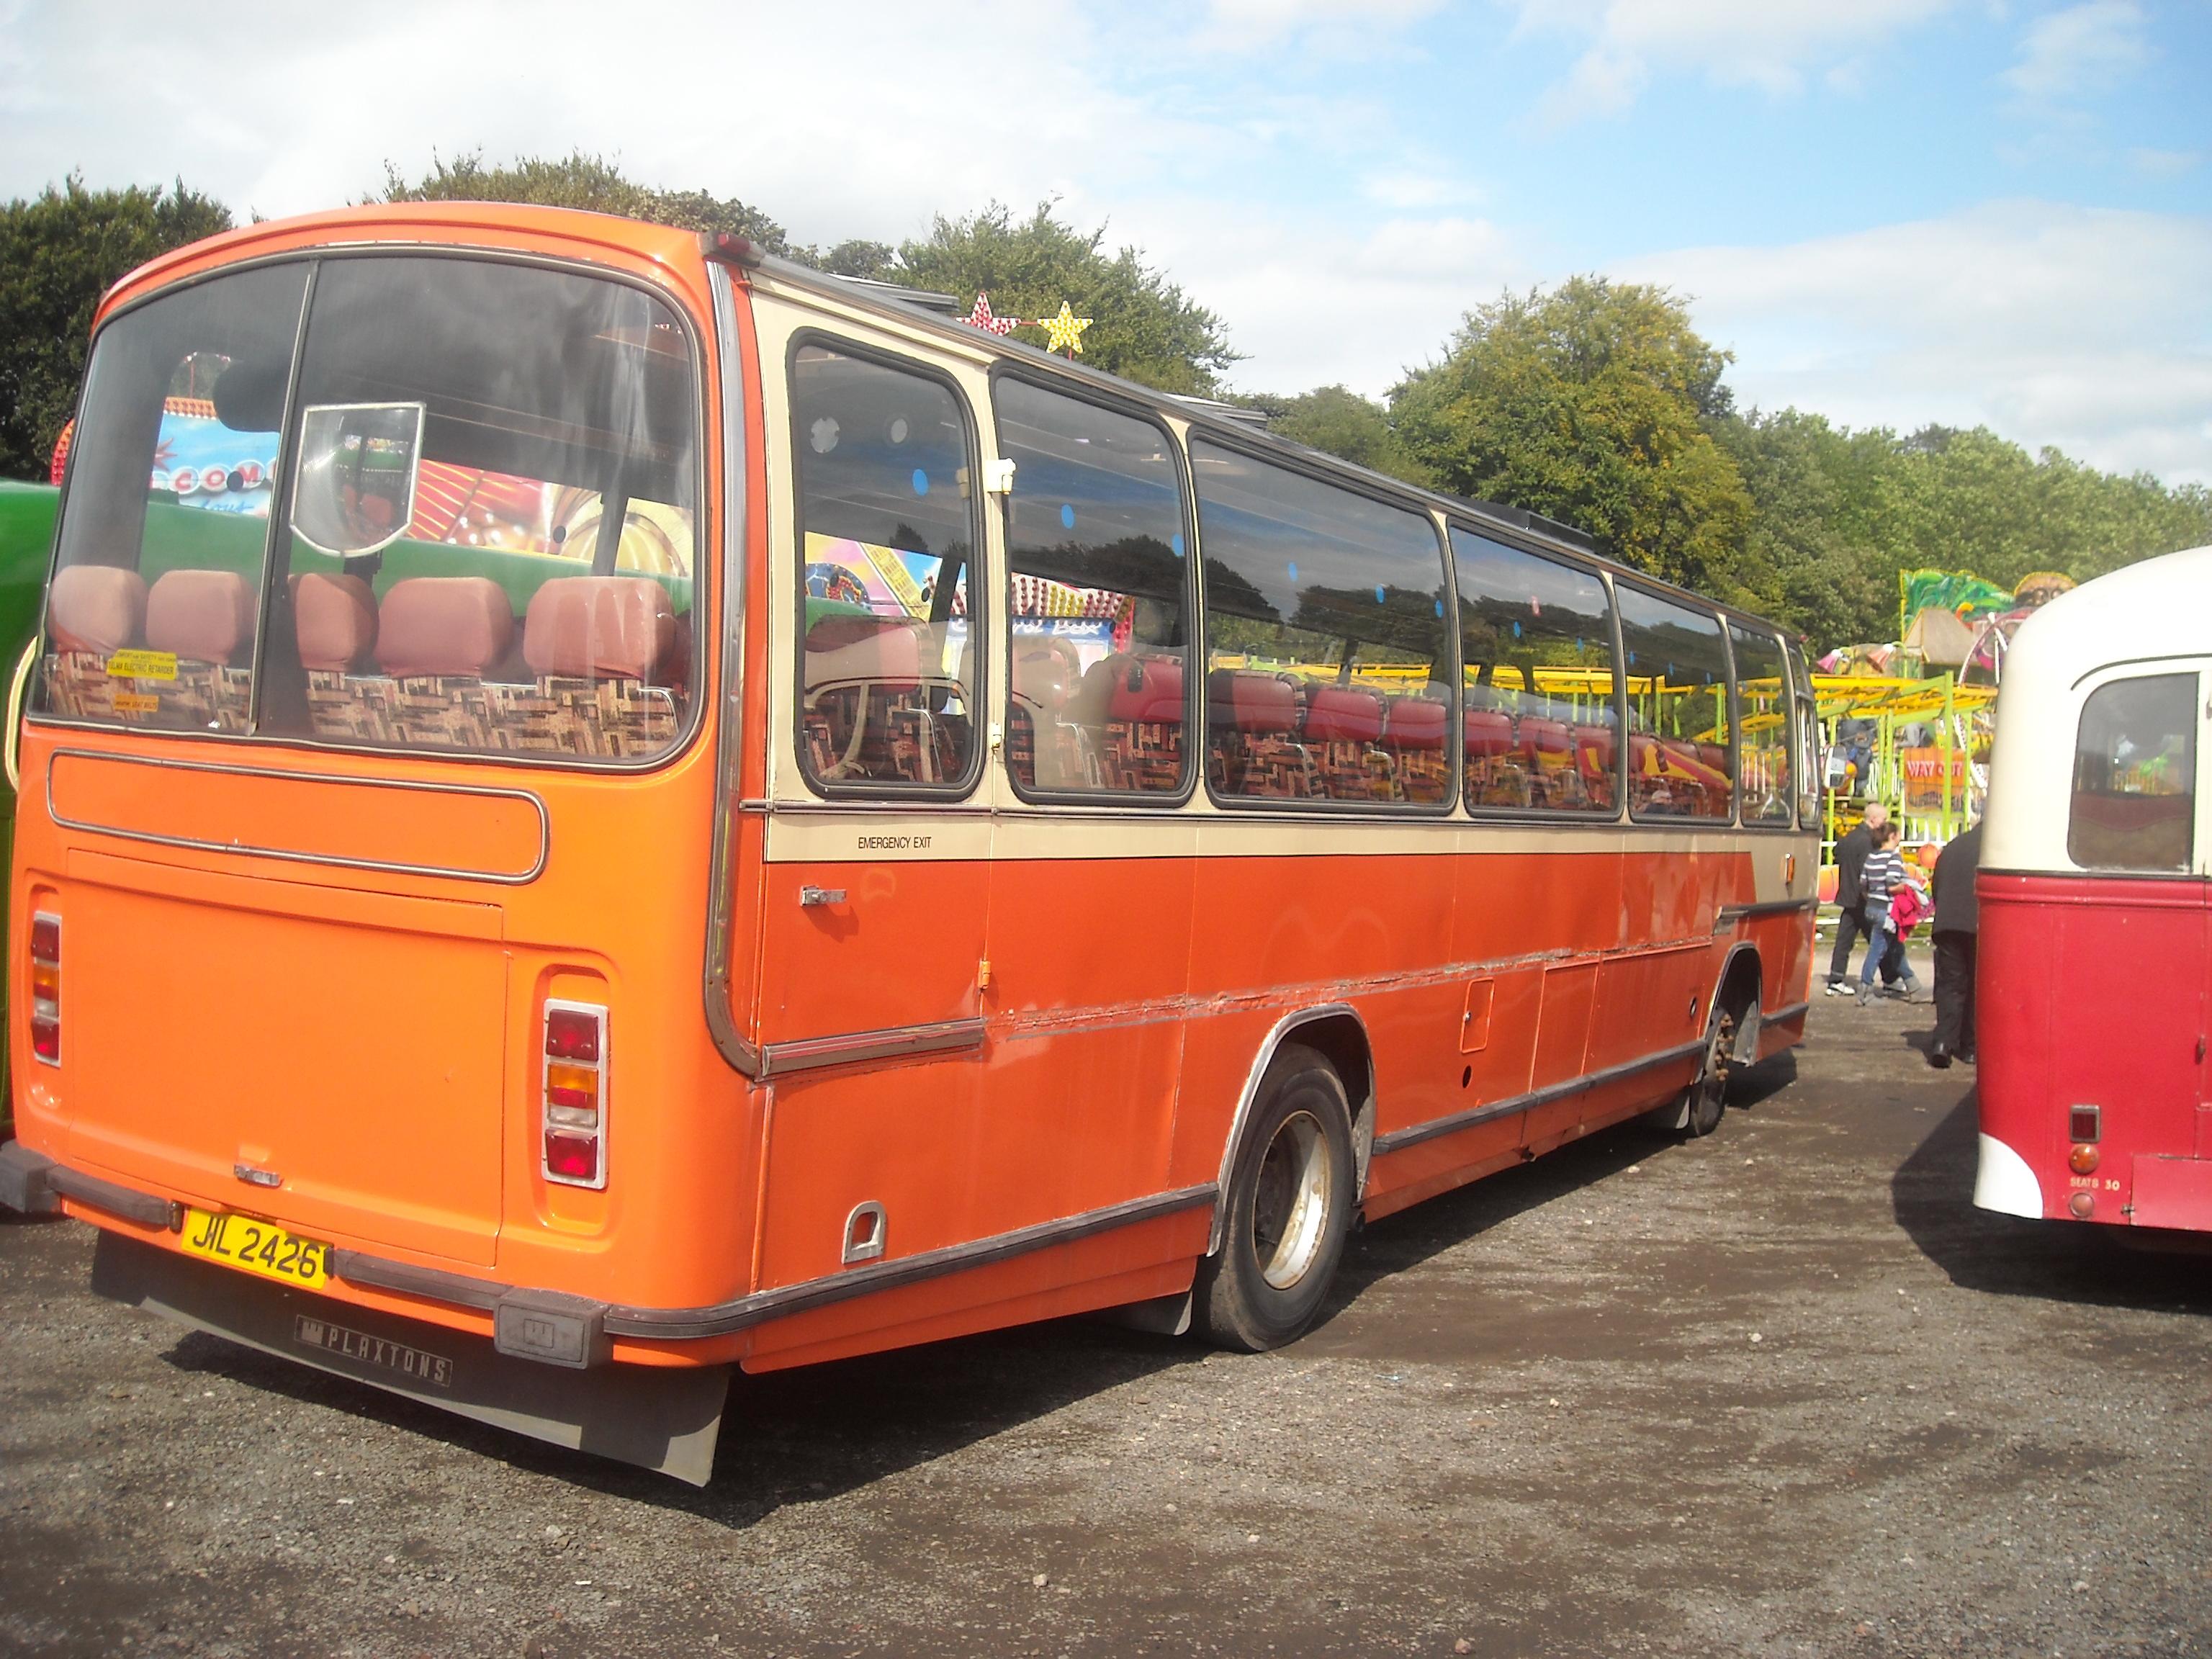 File:Pennine Motors coach (JIL 2426 ex-BTL 485X), 2009 Trans